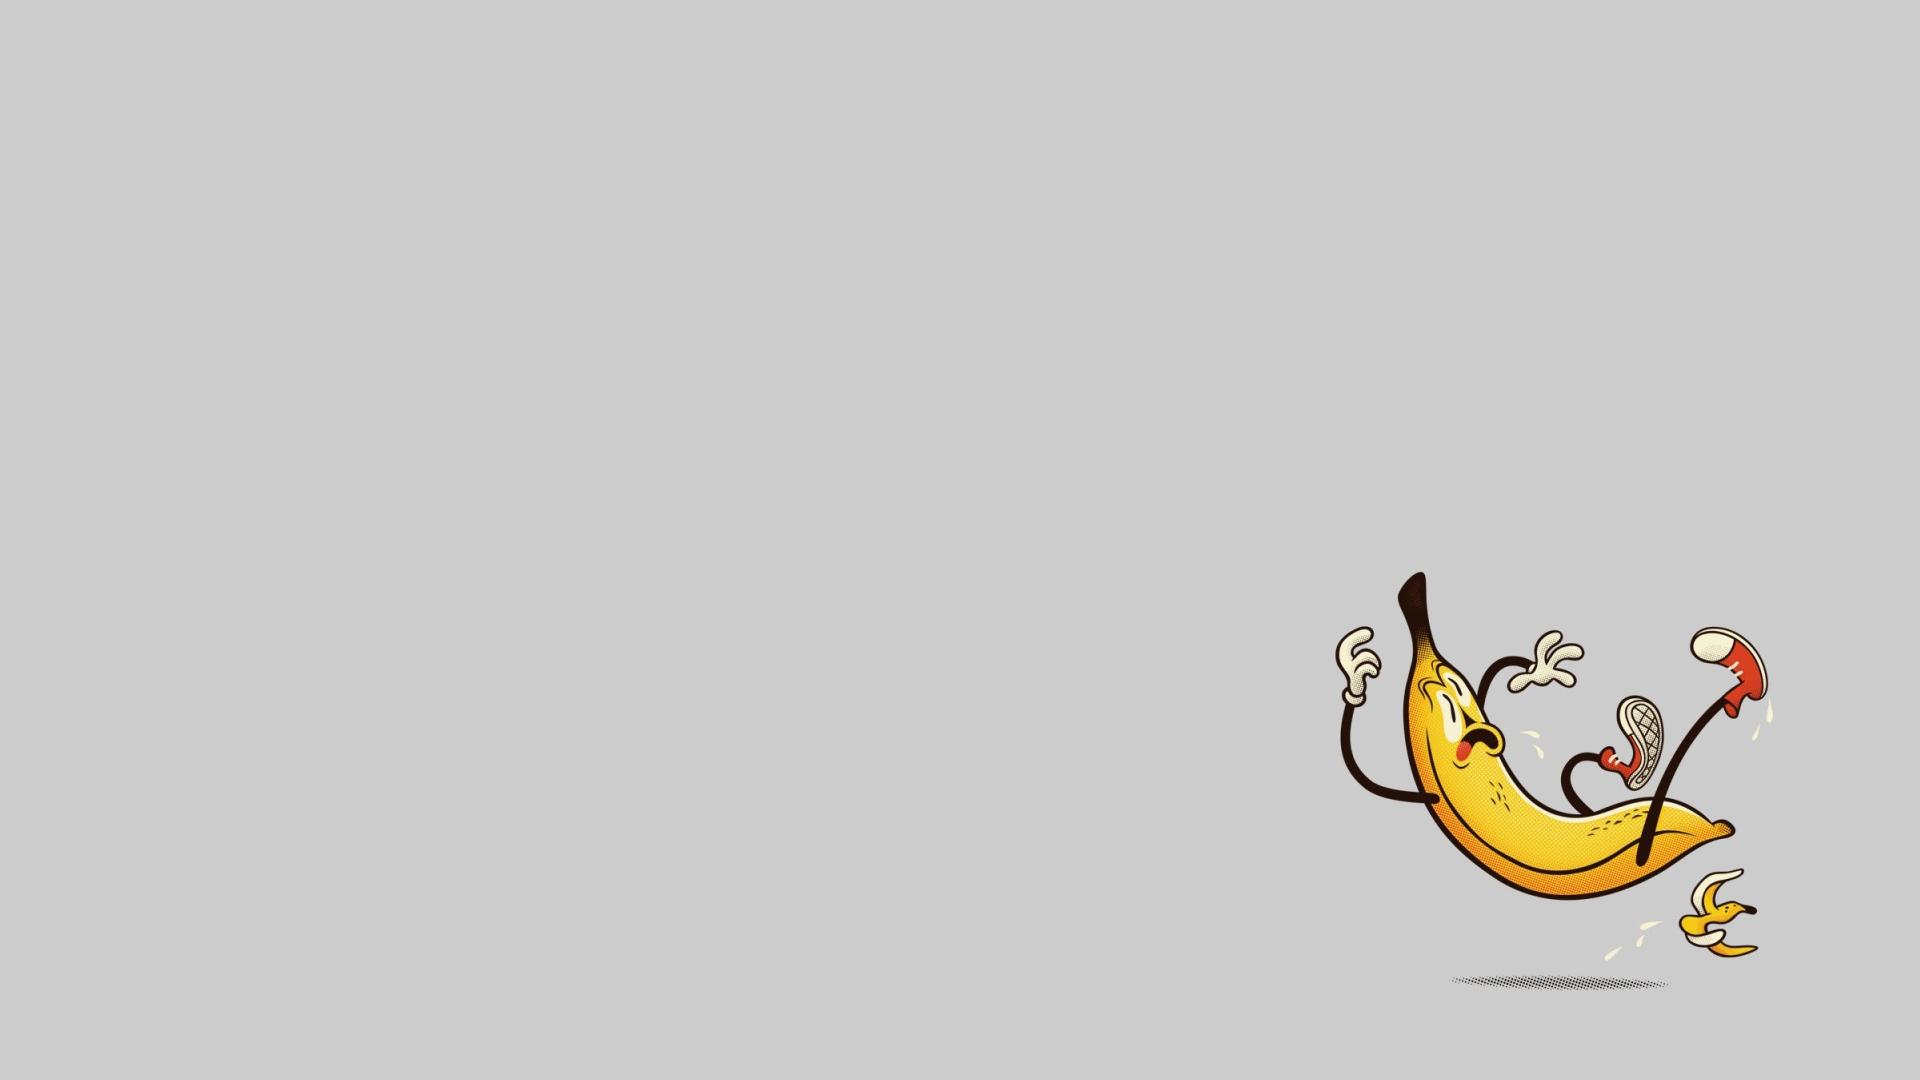 fond d'écran humour : banane gratuit fonds écran humour : banane